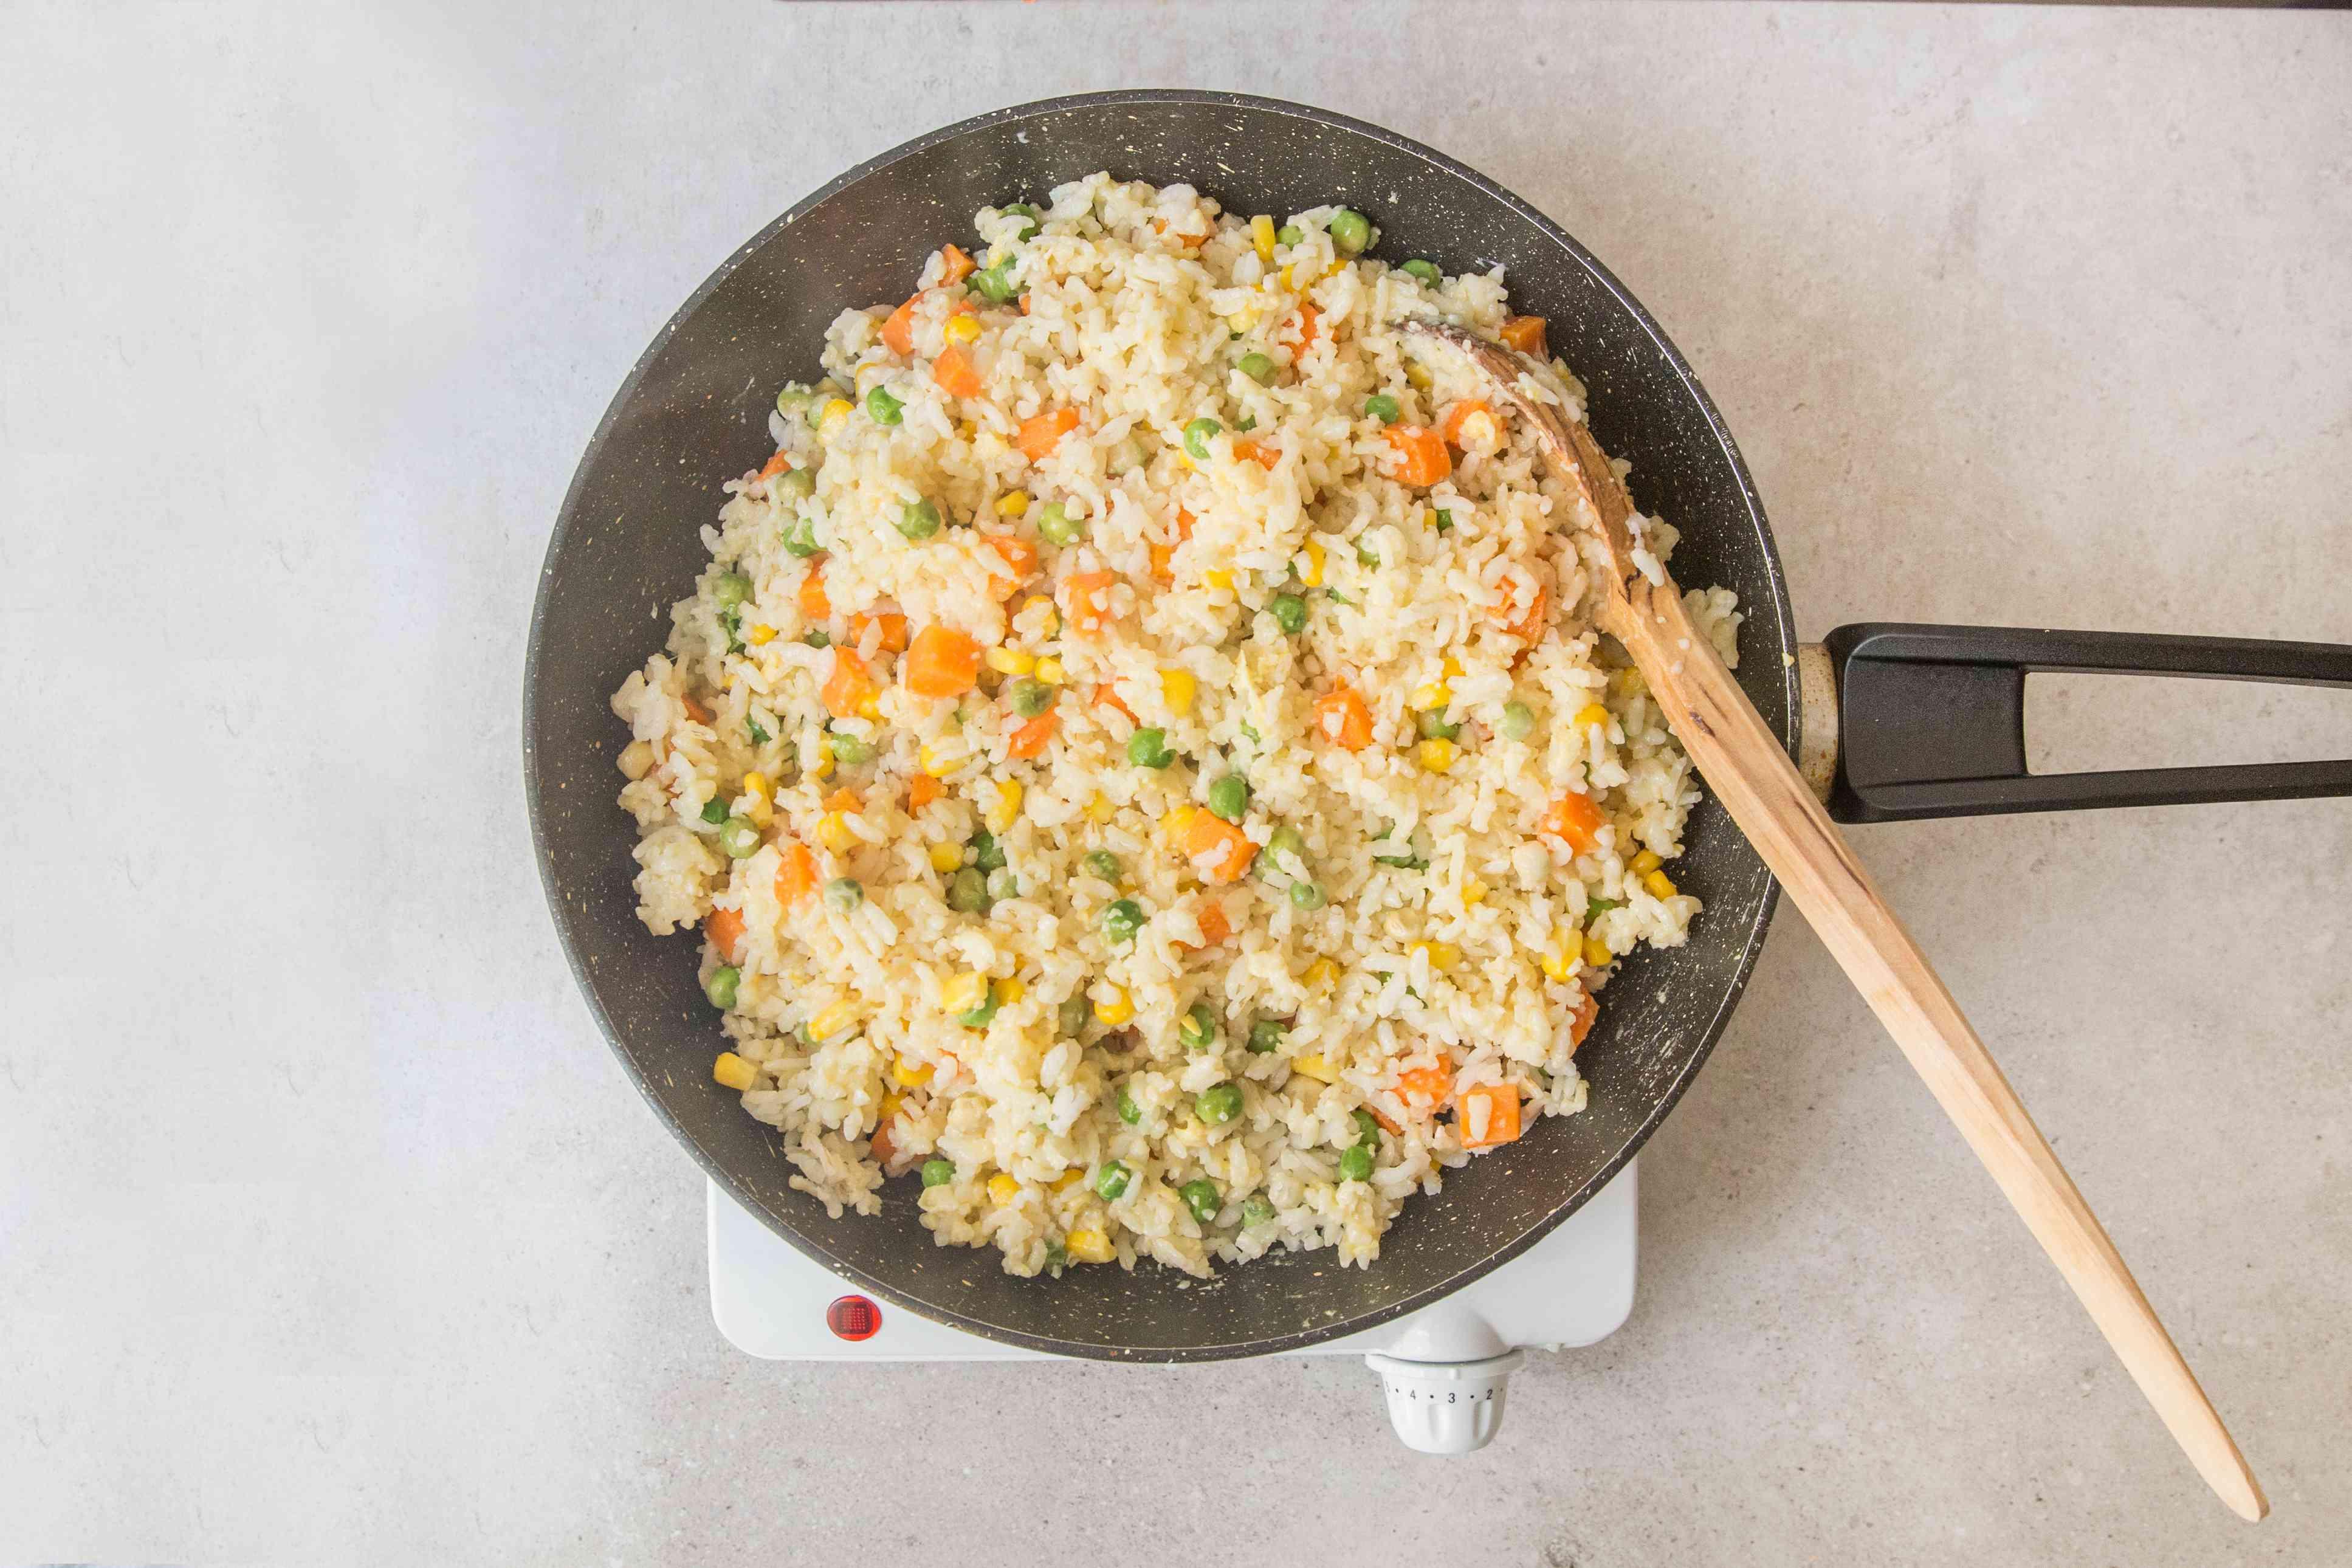 Gradually stir in vegetables